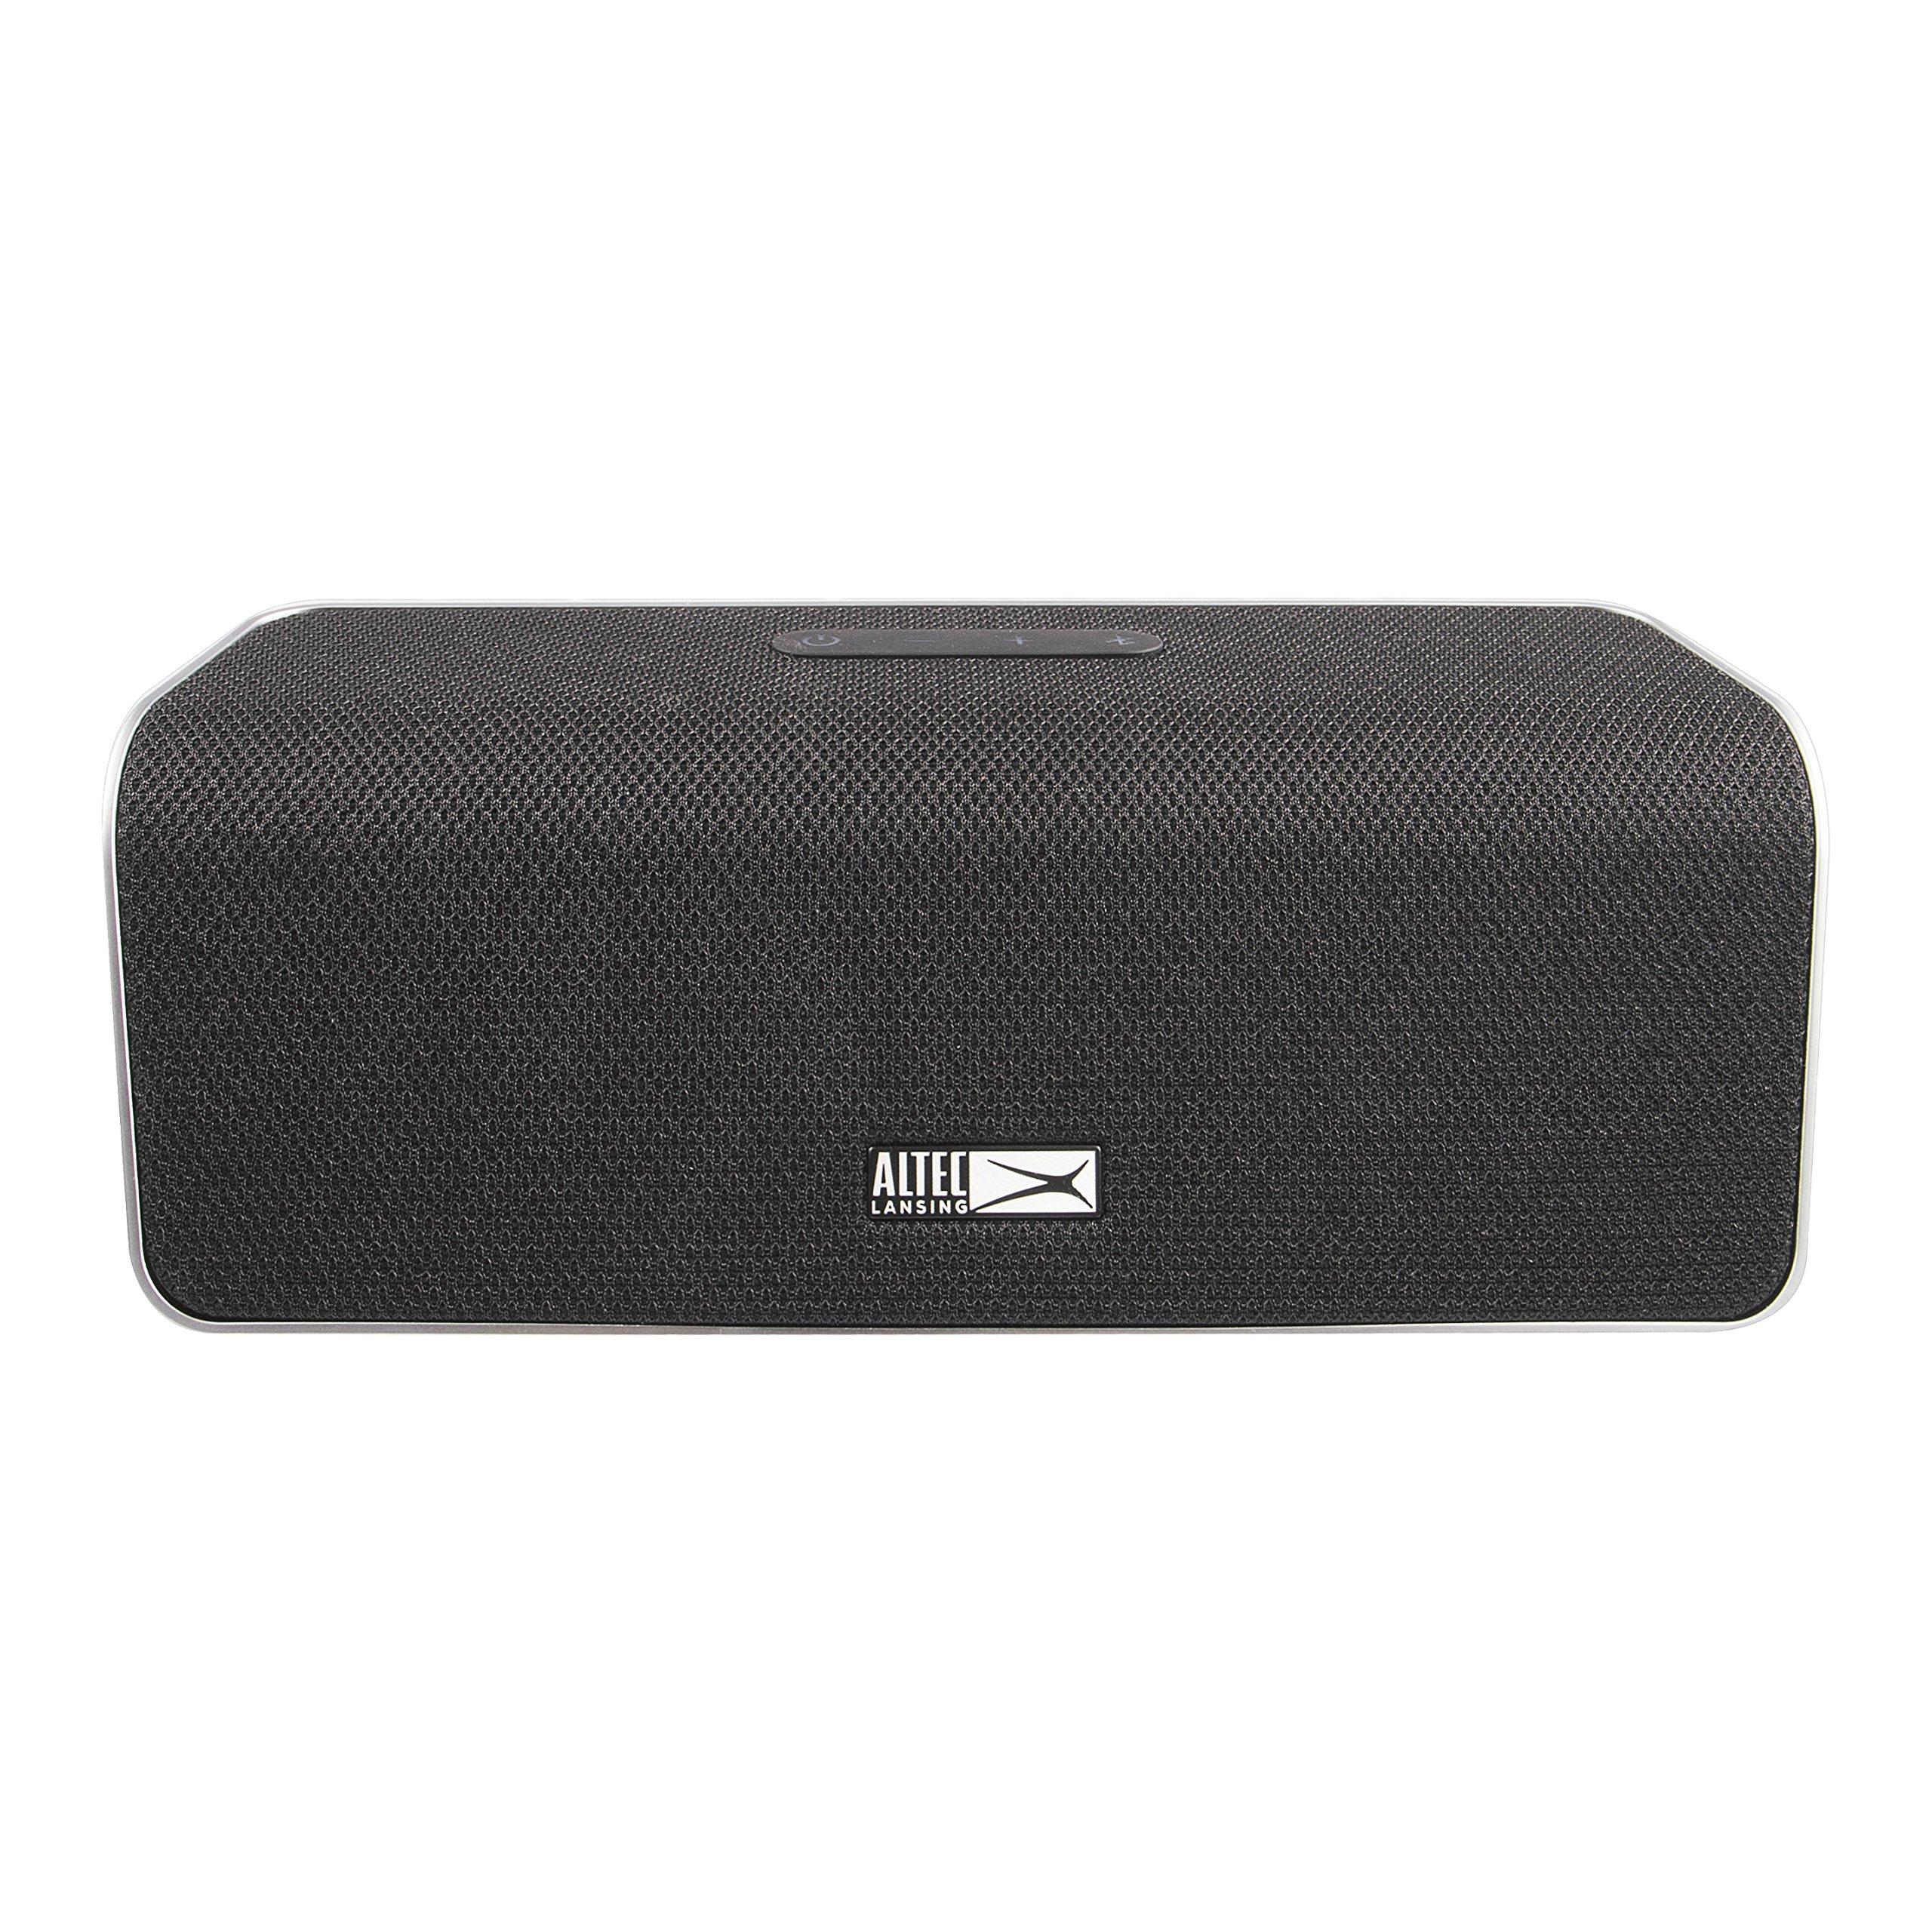 Cheap altec lansing mp3 speaker, find altec lansing mp3 speaker.